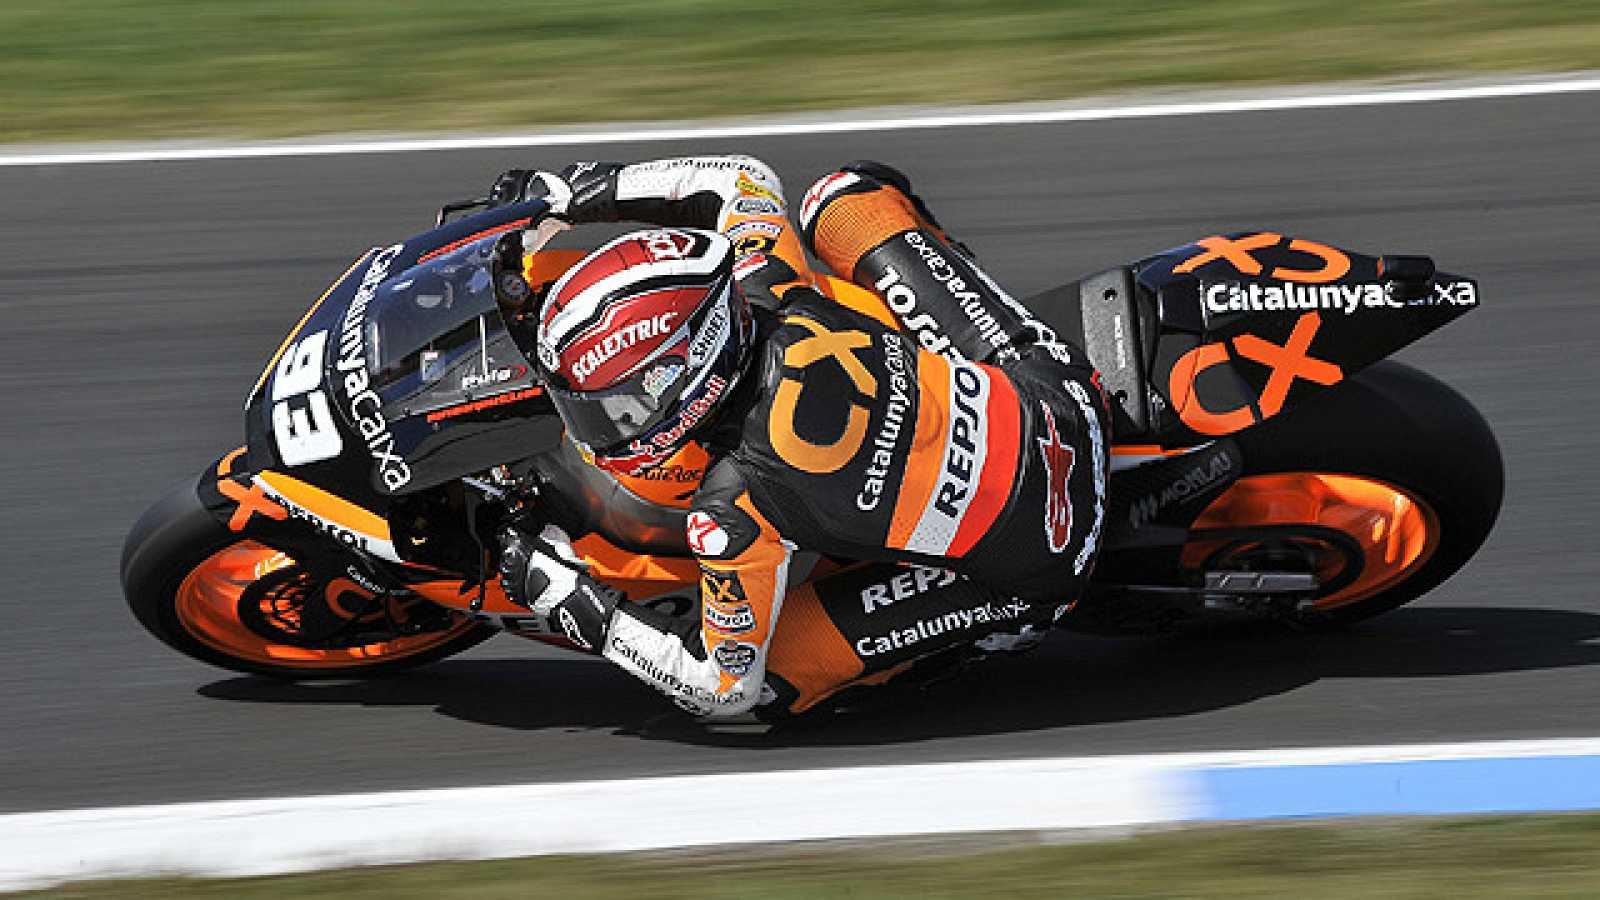 Con una remontada épica, Marc Márquez ha logrado subirse al podio en la categoría de Moto2 en el GP de Australia, tras partir del último lugar por una sanción.